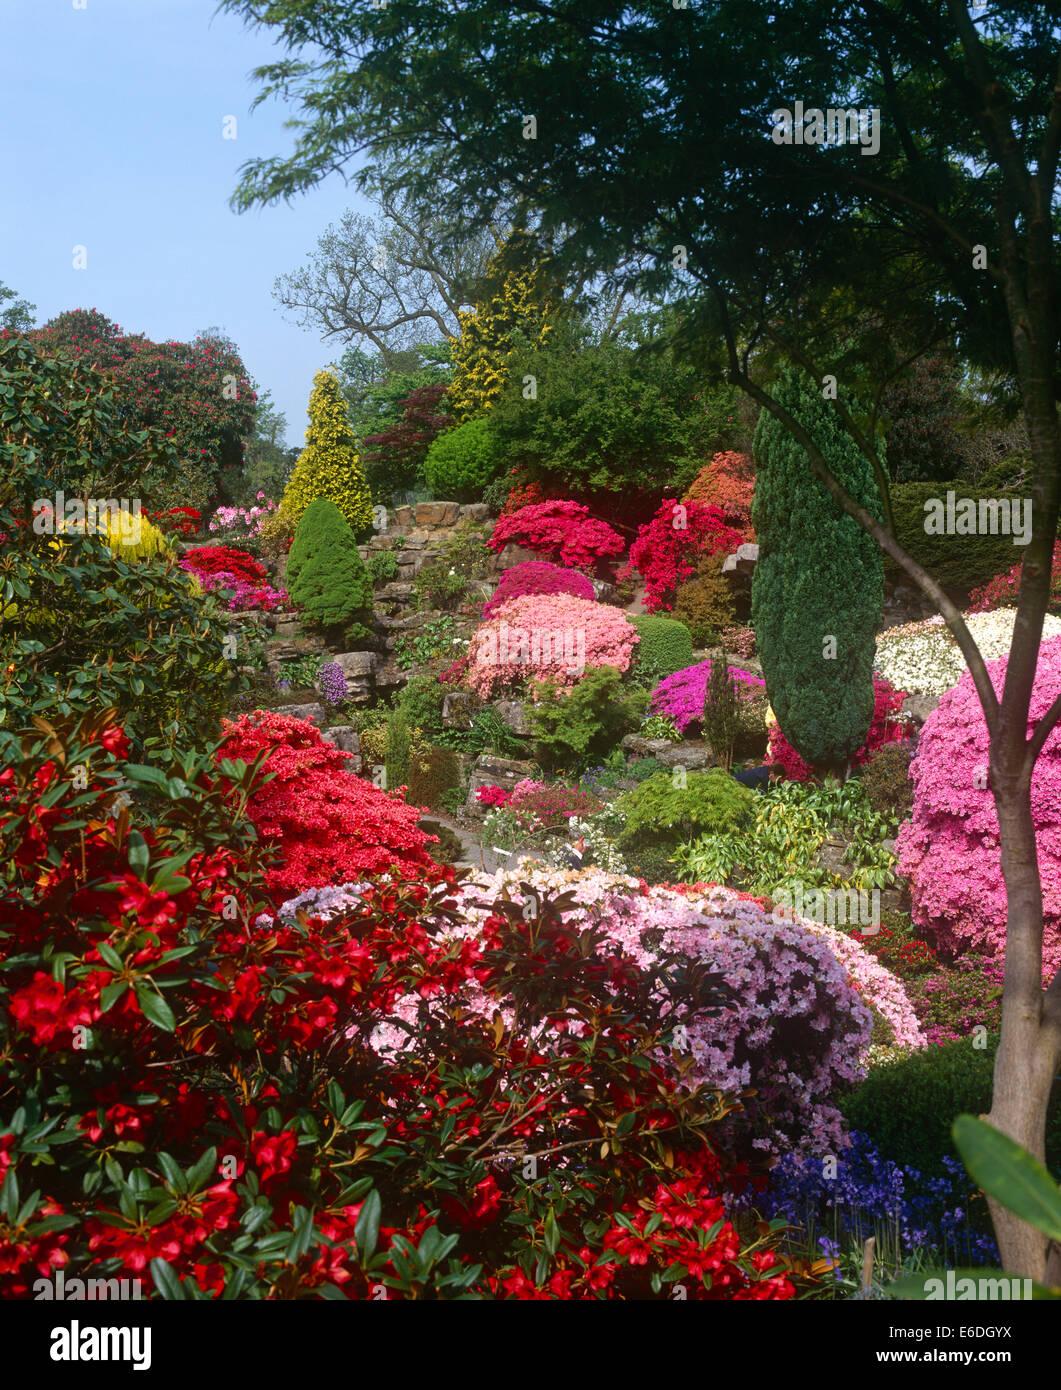 The Rock Garden Gardens West Sussex UK - Stock Image